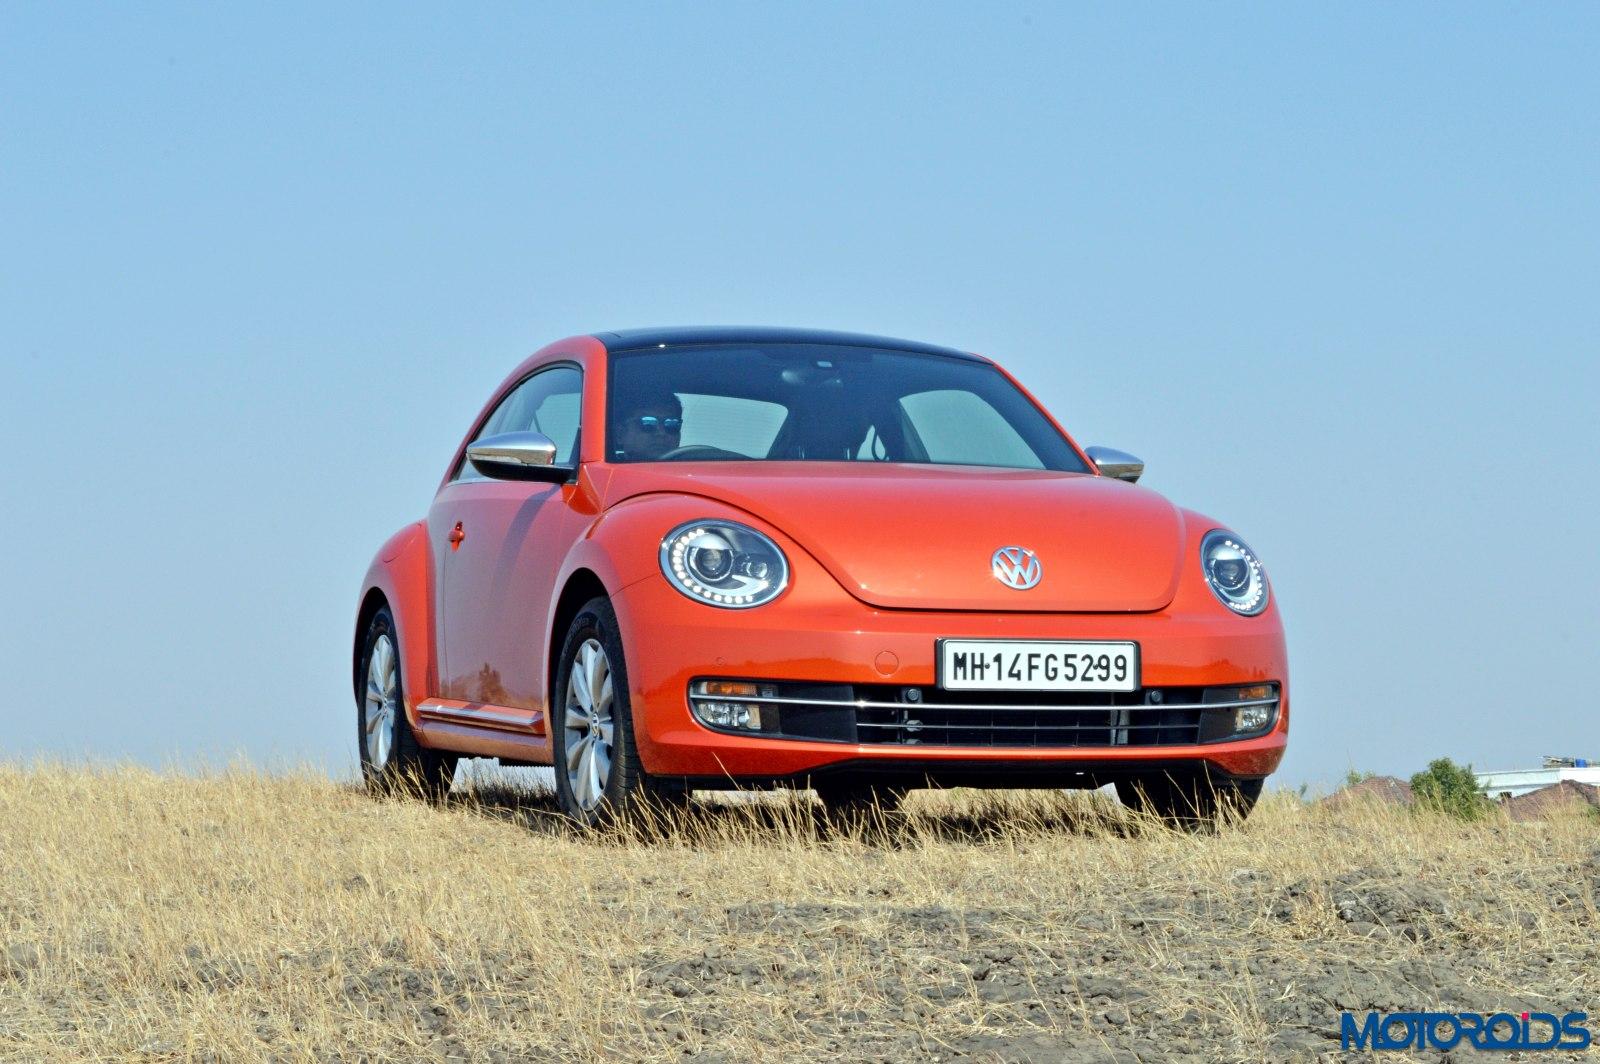 new-2016-Vw-volkswagen-Beetle-India-orange-13